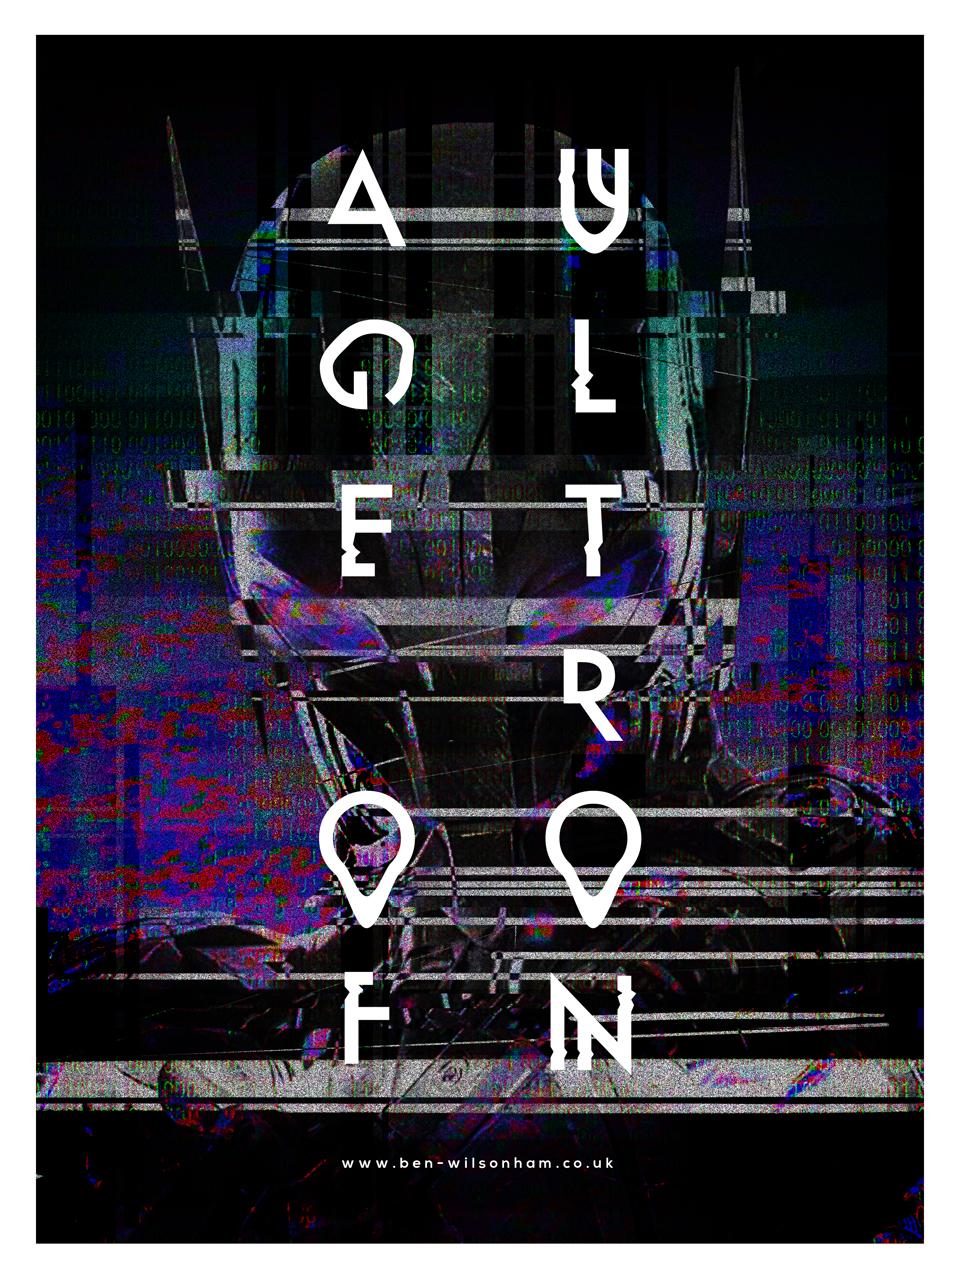 Age_of_Ultron_poster_ben_wilsonham.jpg